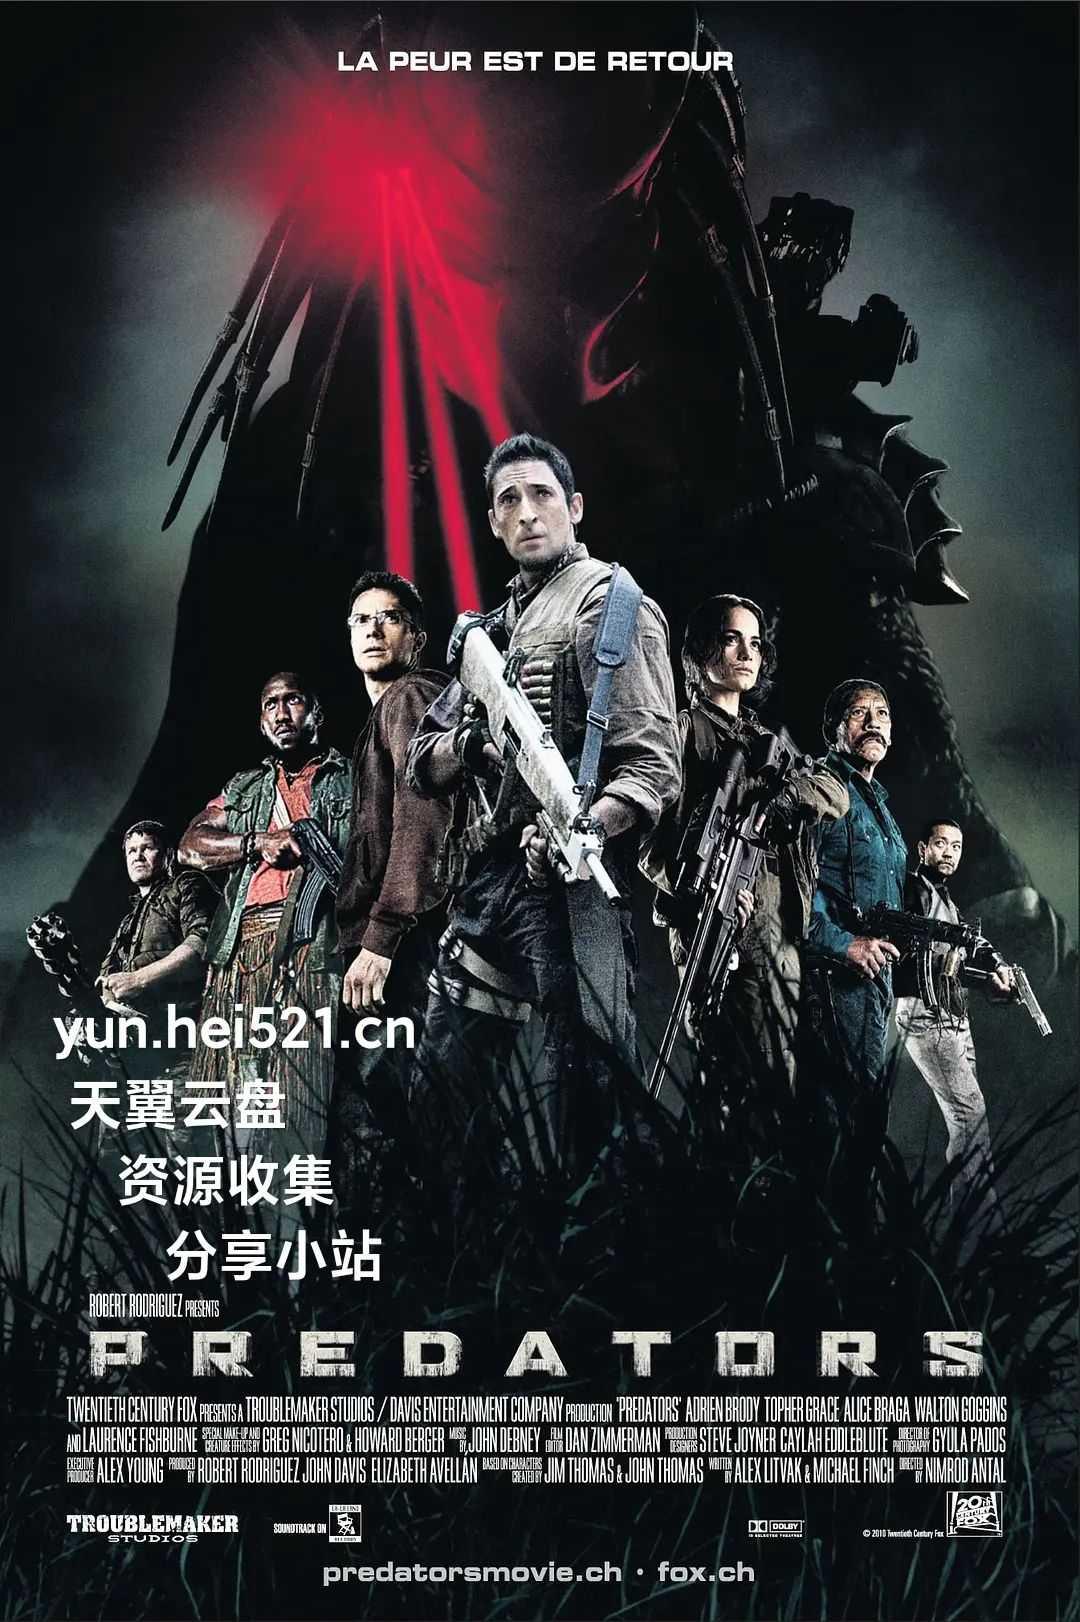 [欧美电影]新铁血战士.2010.1080p蓝光高码[13.80GB]外挂字幕